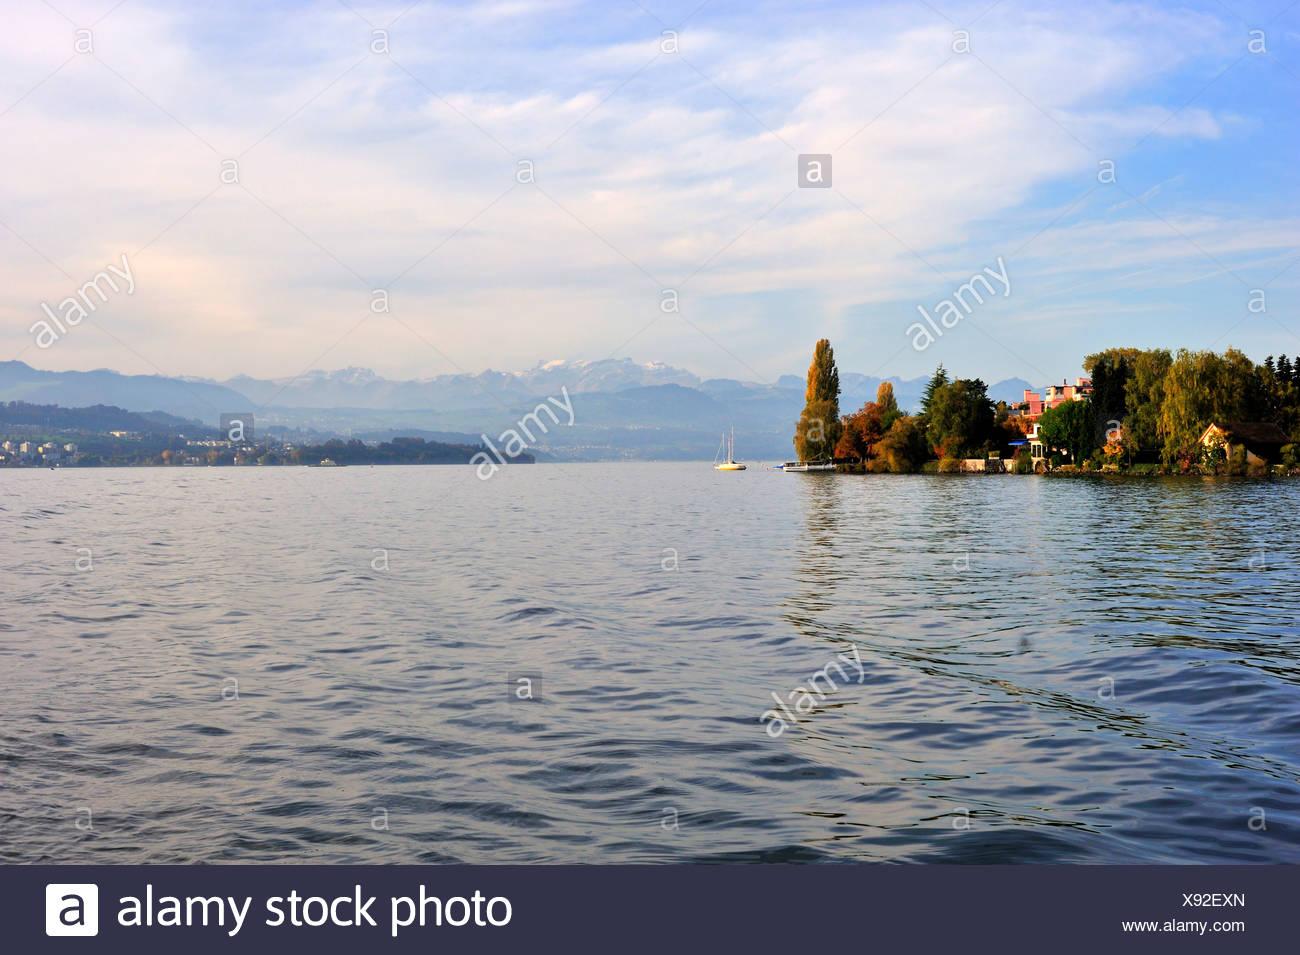 Lake Zurich, Zurich, Switzerland, Europe - Stock Image